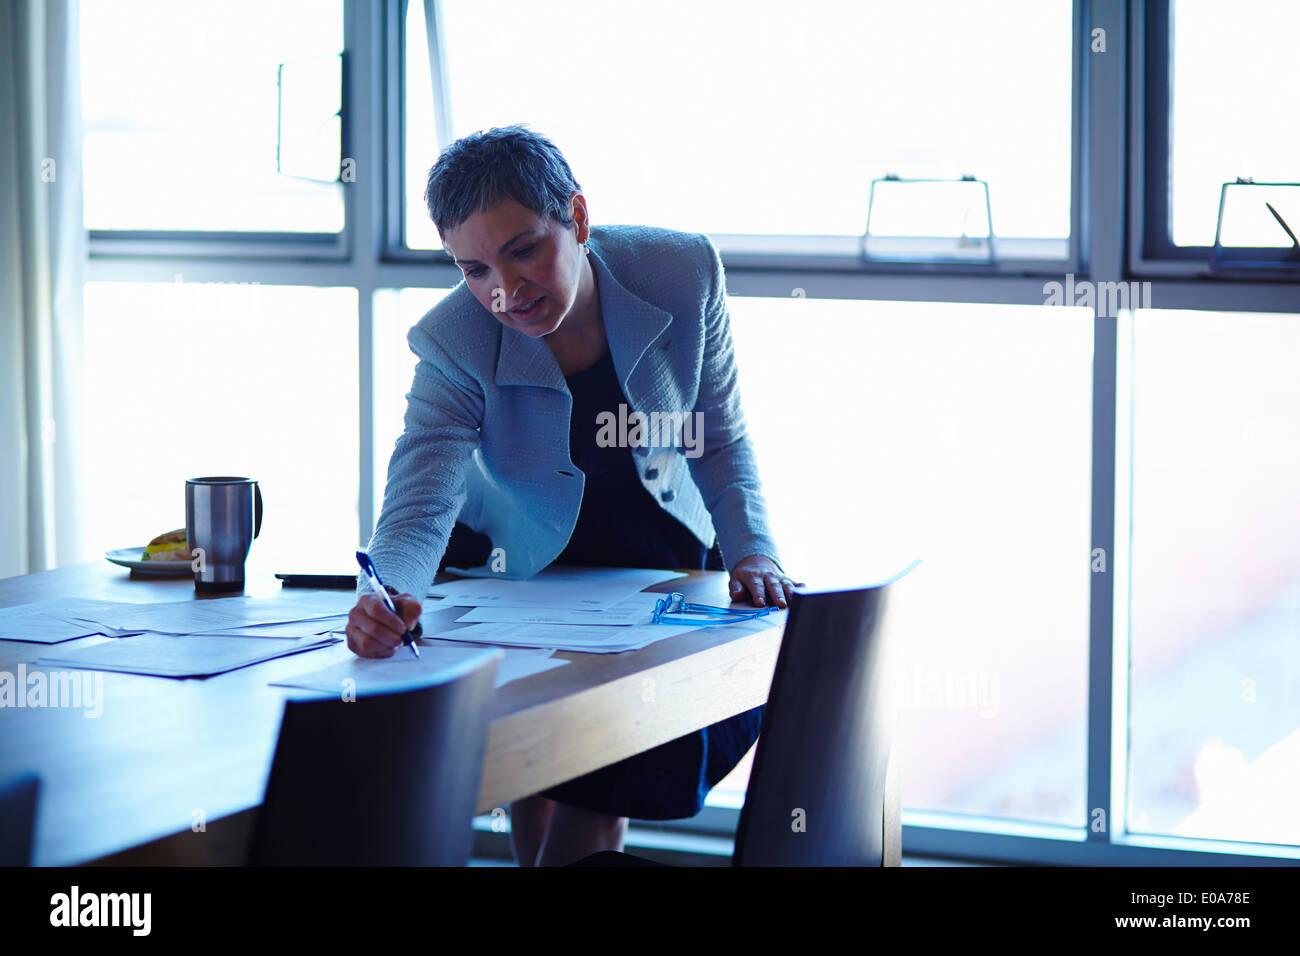 Reife Geschäftsfrau am Konferenztisch Prüfung Papiere Stockbild